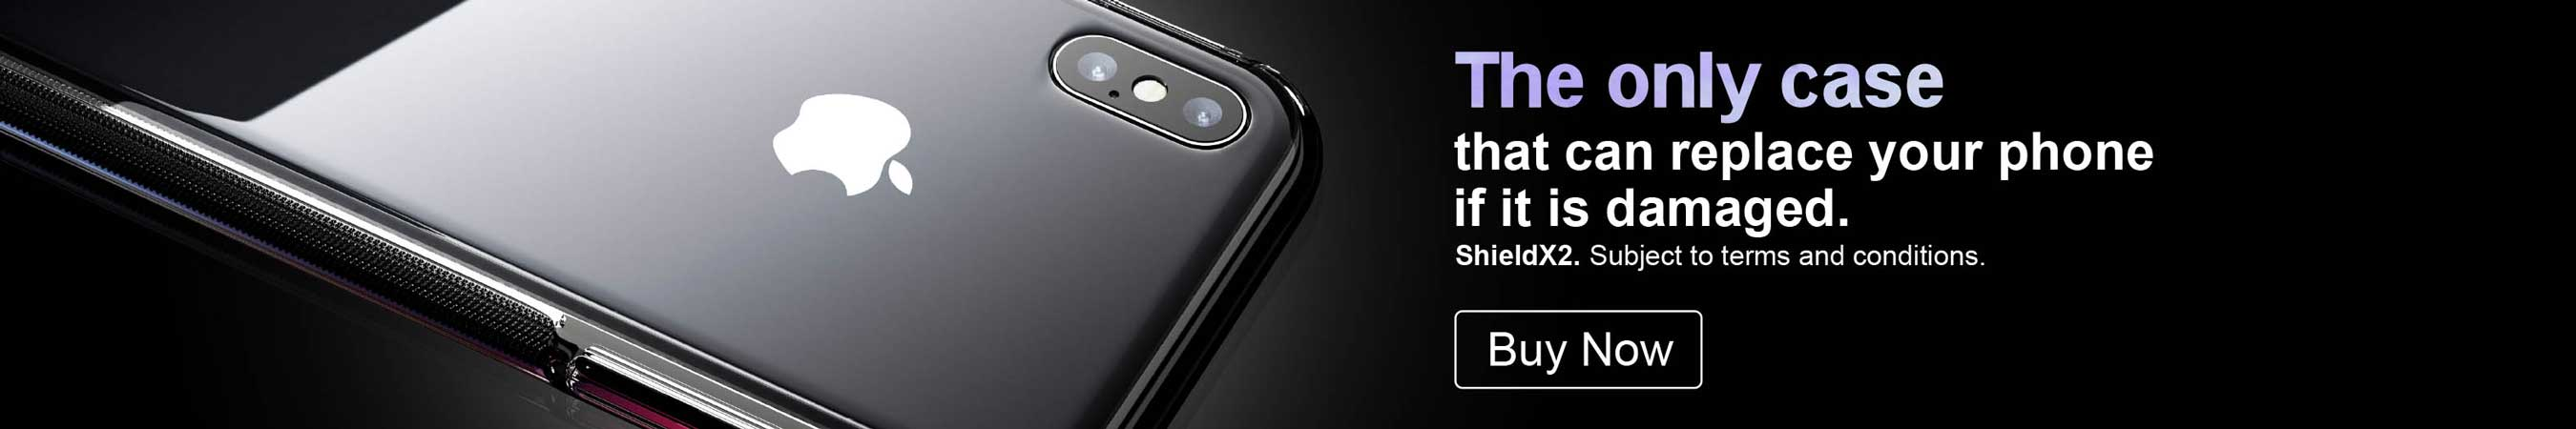 Cellphone Smart Pod